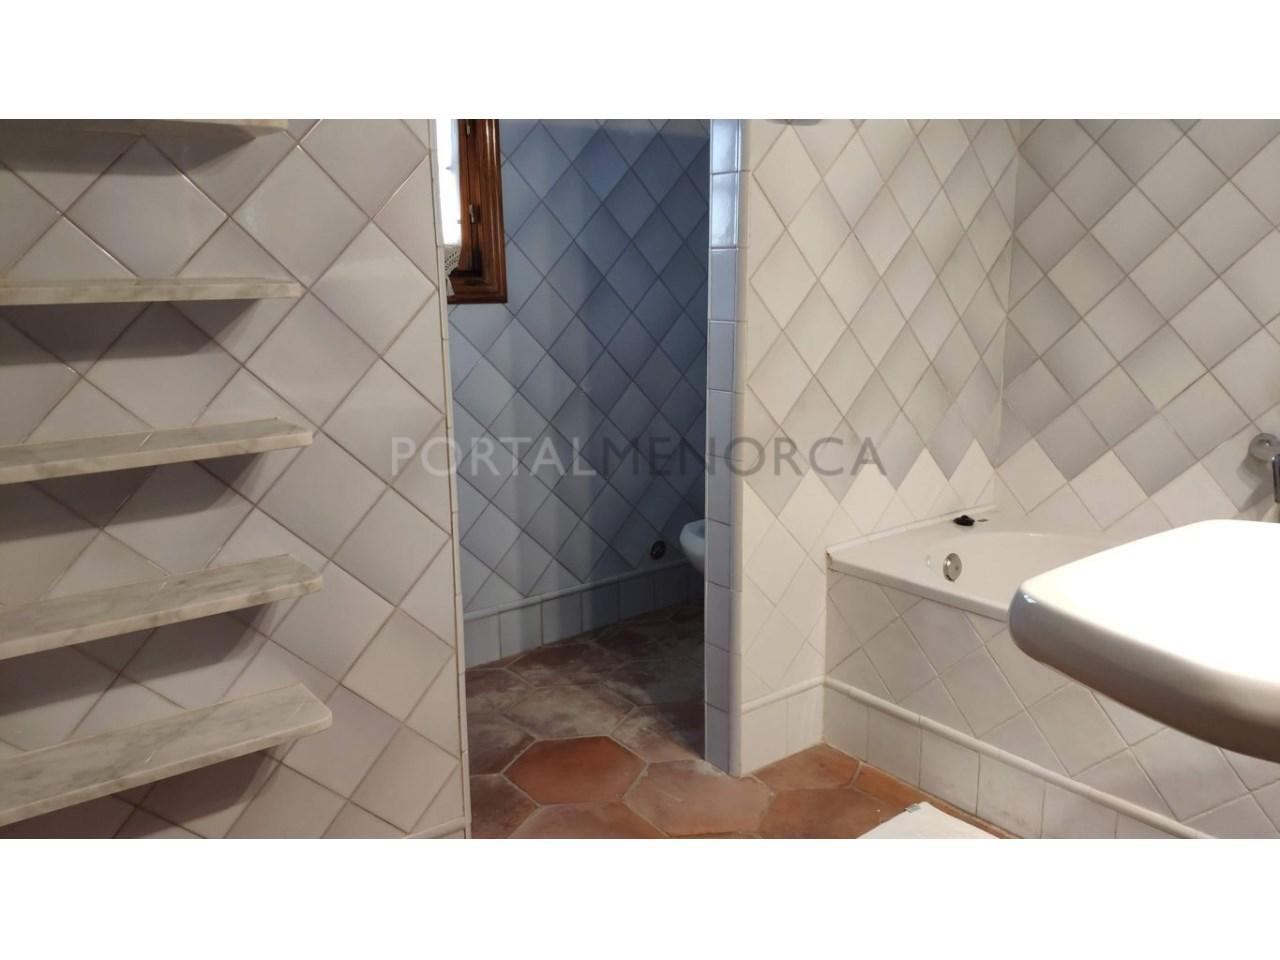 casa reformada en venta en Ciutadella de Menorca baño